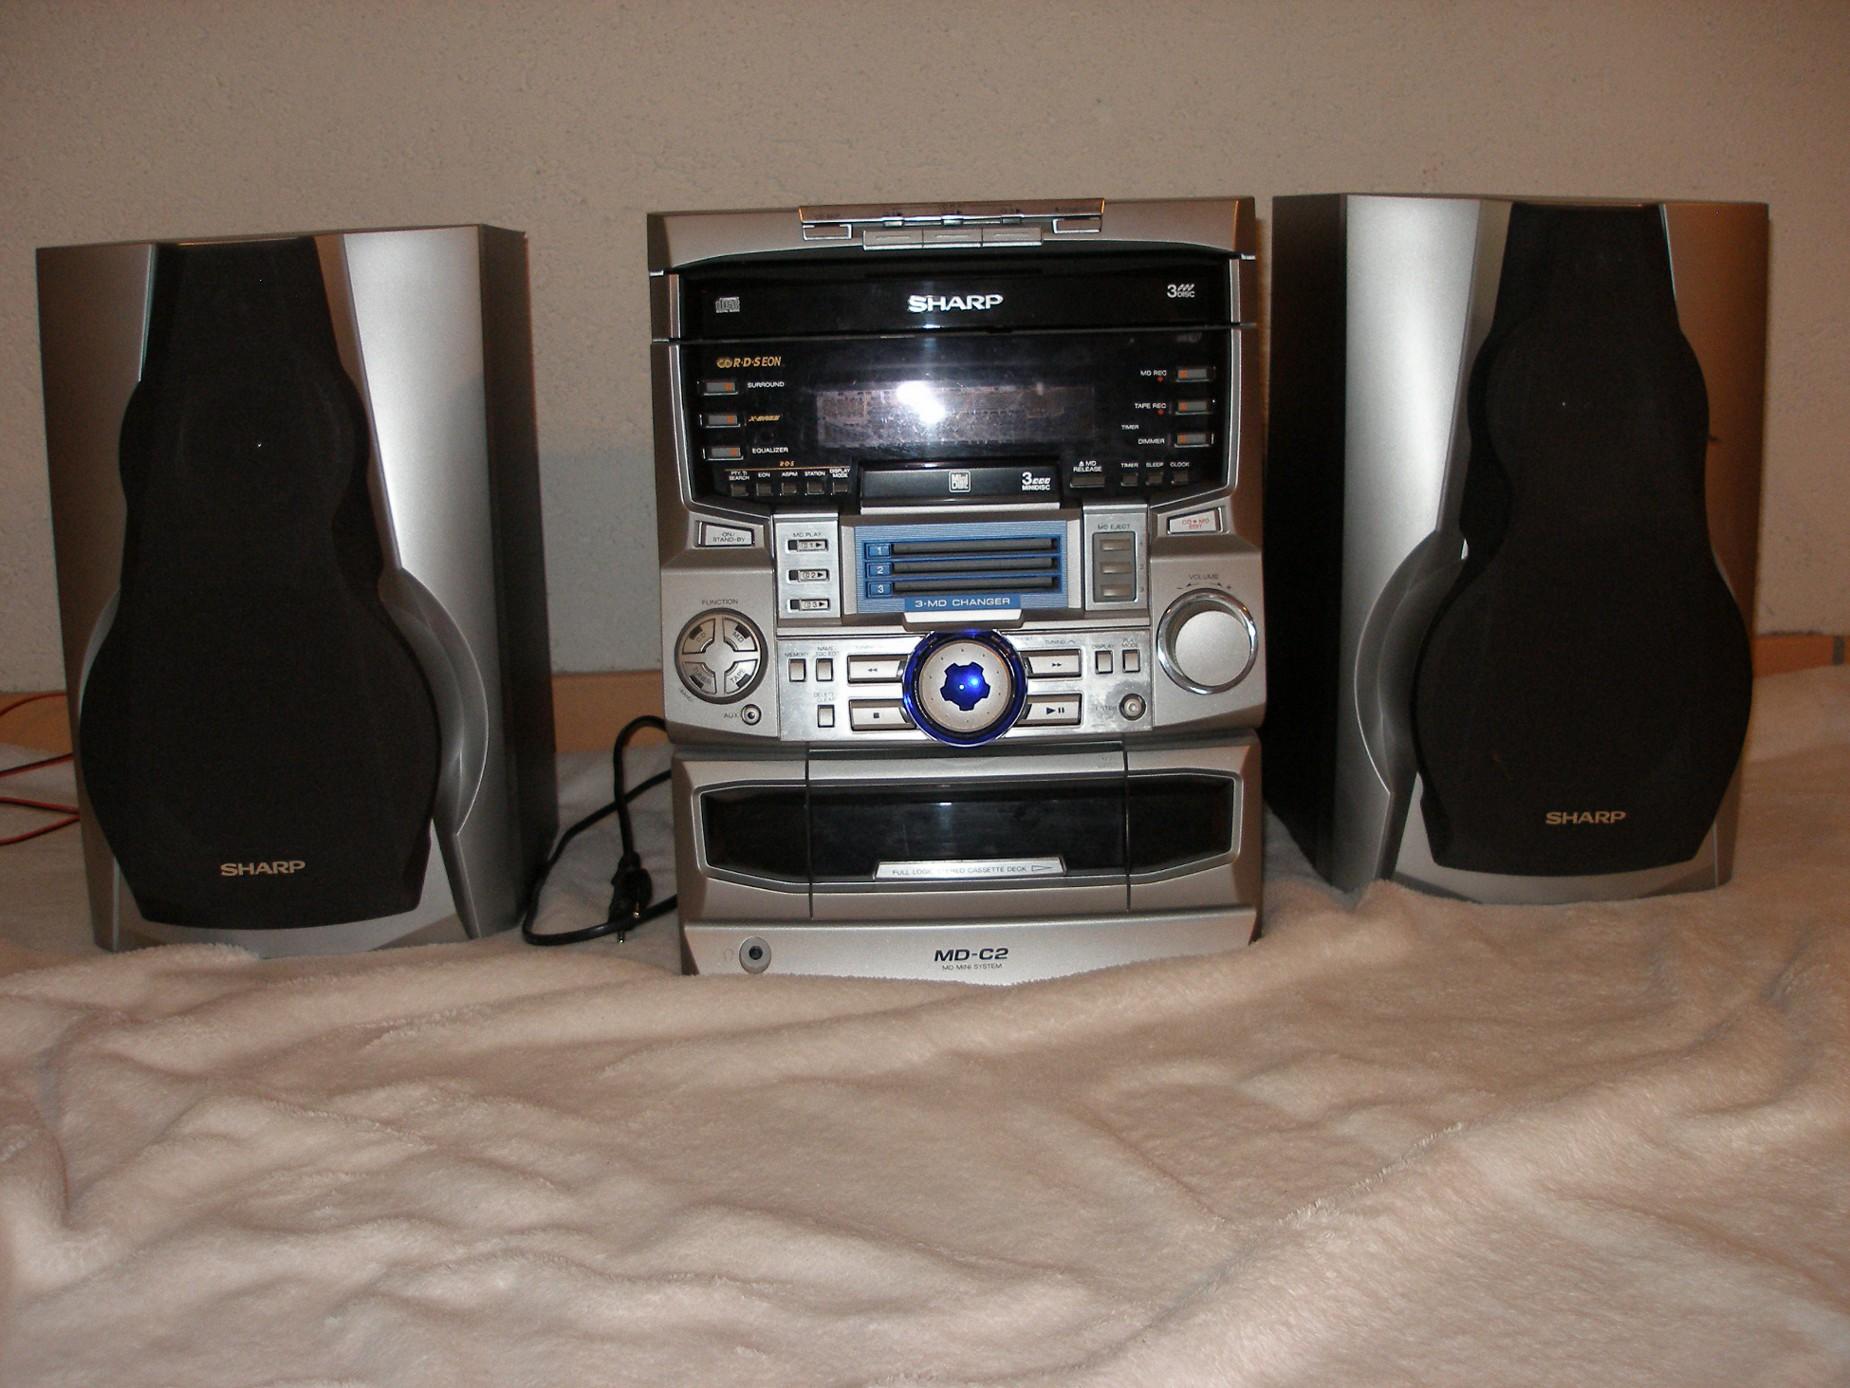 sharp stereoanlage md c2h gebraucht hifi gebraucht kaufen und verkaufen hifi anlagen f r. Black Bedroom Furniture Sets. Home Design Ideas